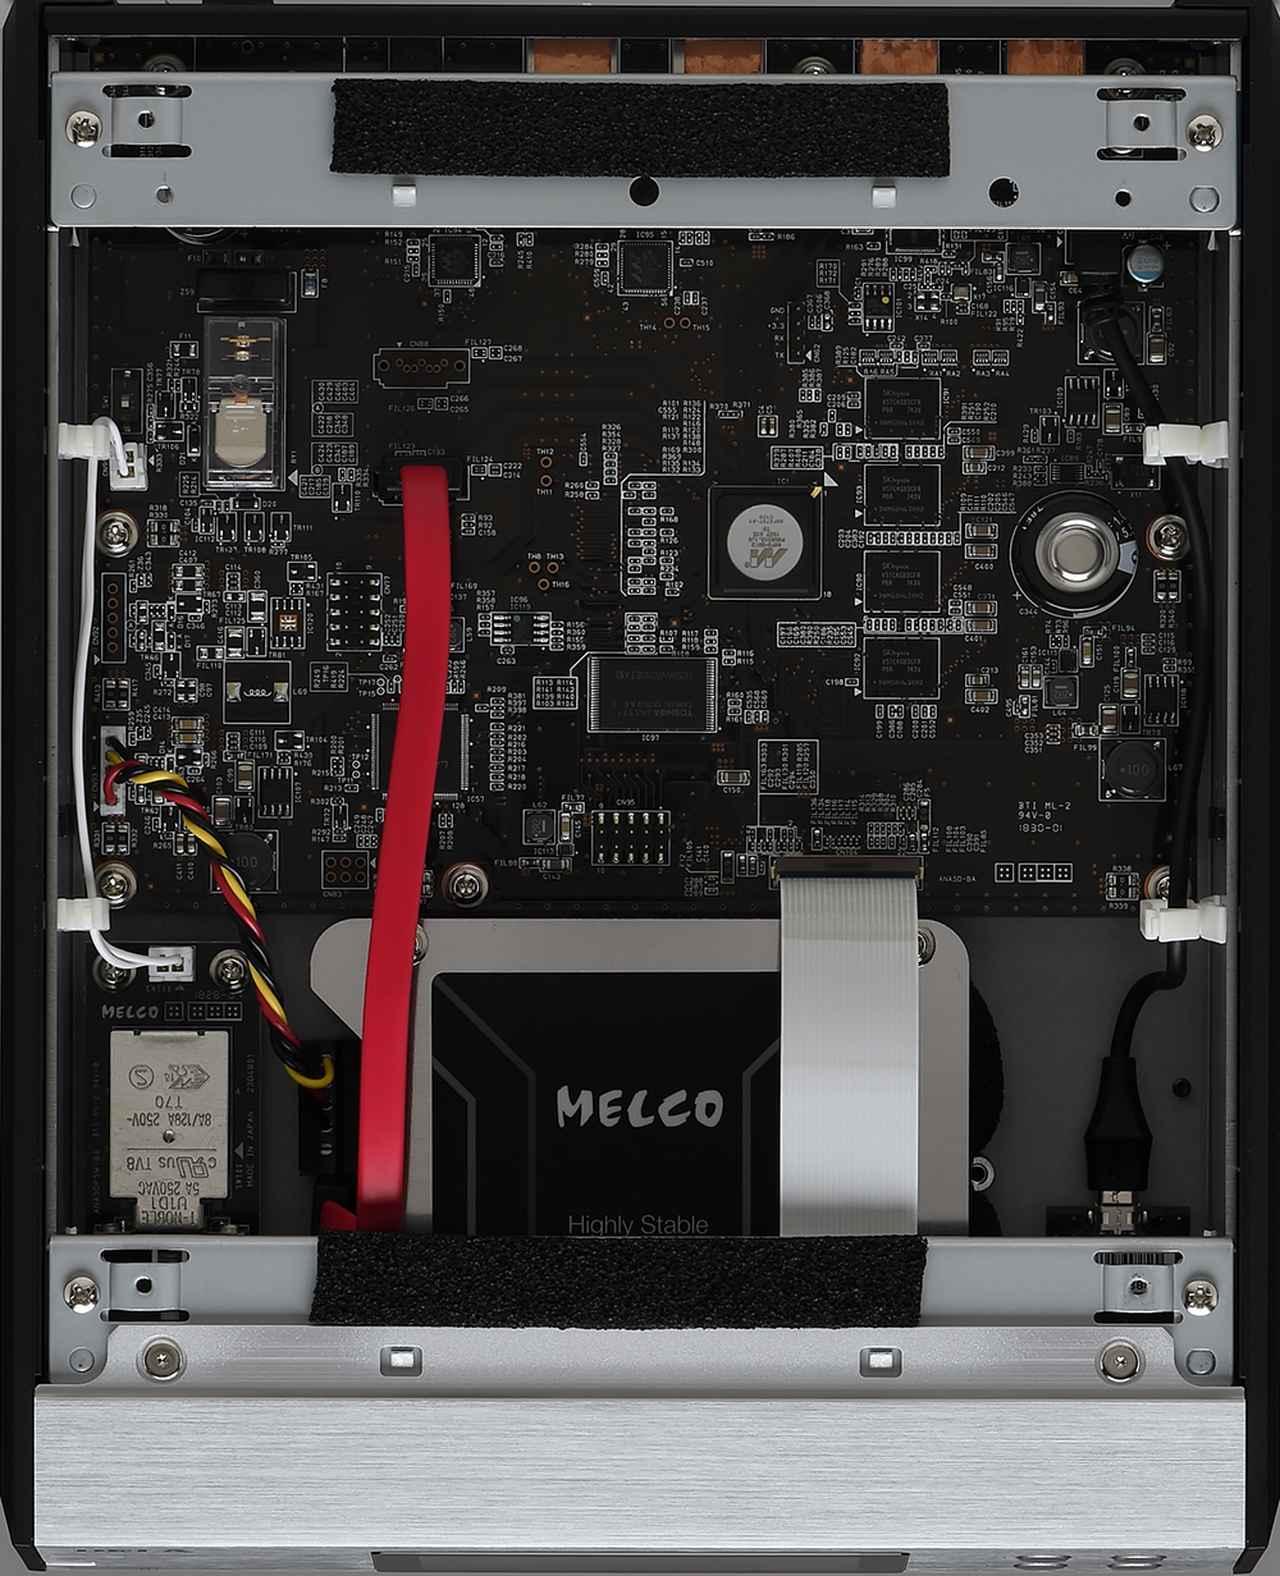 画像: 筐体前方のMELCO印の部分が3TバイトのHDDトレージ。HDD下部にステンレス鋼板を固定し、さらに制振素材を介してベースシャーシにリジッドな状態でマウント。HDD上部も吸音材を介して3mm厚ステンレス鋼板で覆い、万全の振動対策を施している。NDK(日本電波工業)製のC/N(搬送波対雑音比)の低い高性能パーツが用いられている